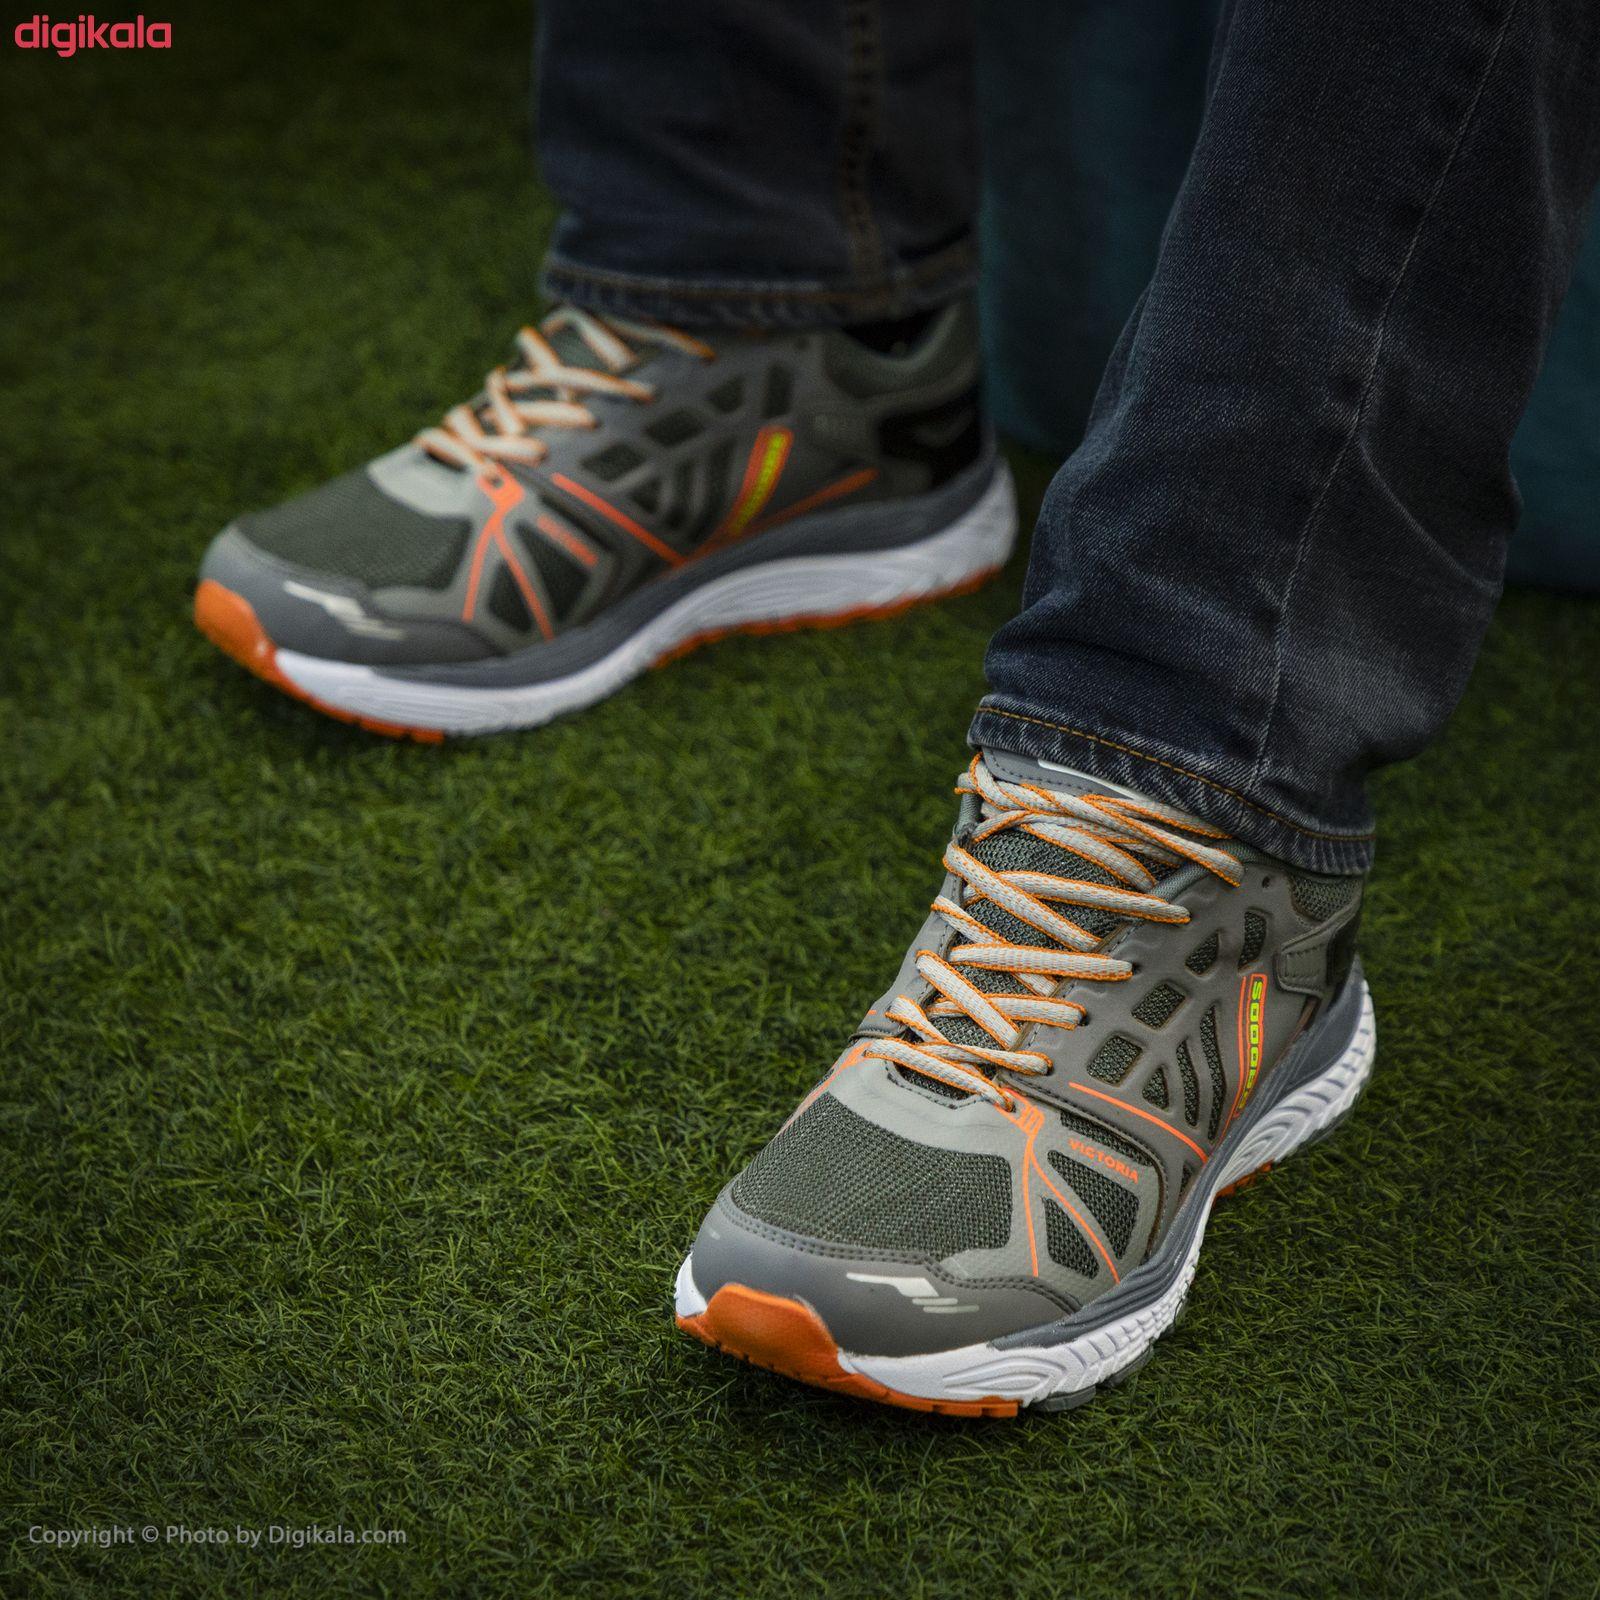 کفش مخصوص پیاده روی مردانه پادوس مدل لوییس کد 4788 main 1 10